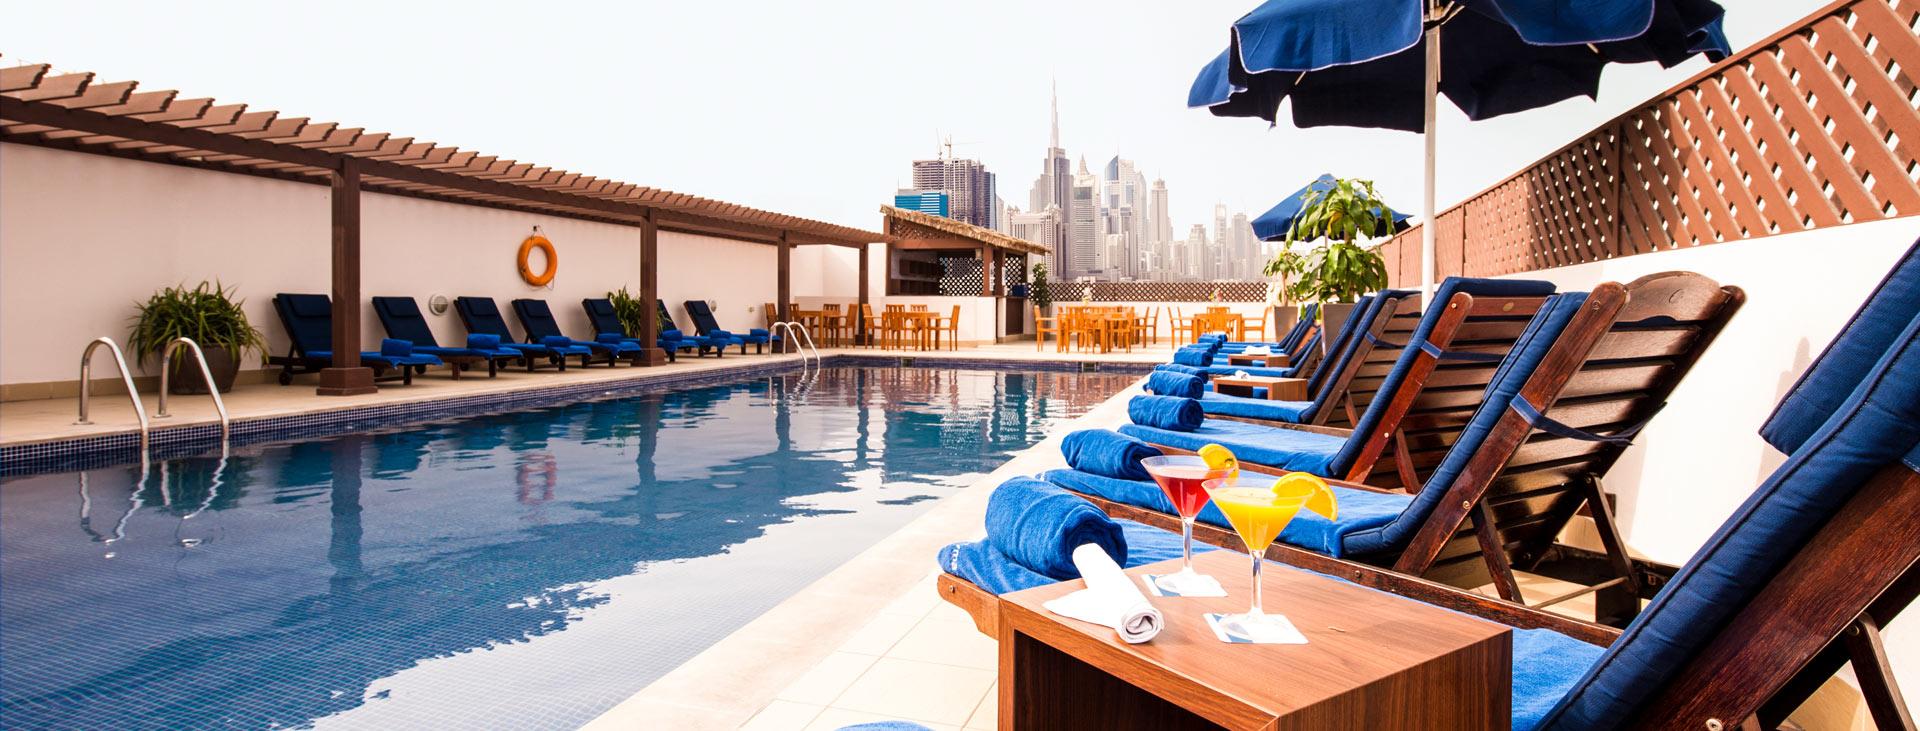 Citymax Bur Dubai, Bur Dubai, Dubai, Förenade Arabemiraten